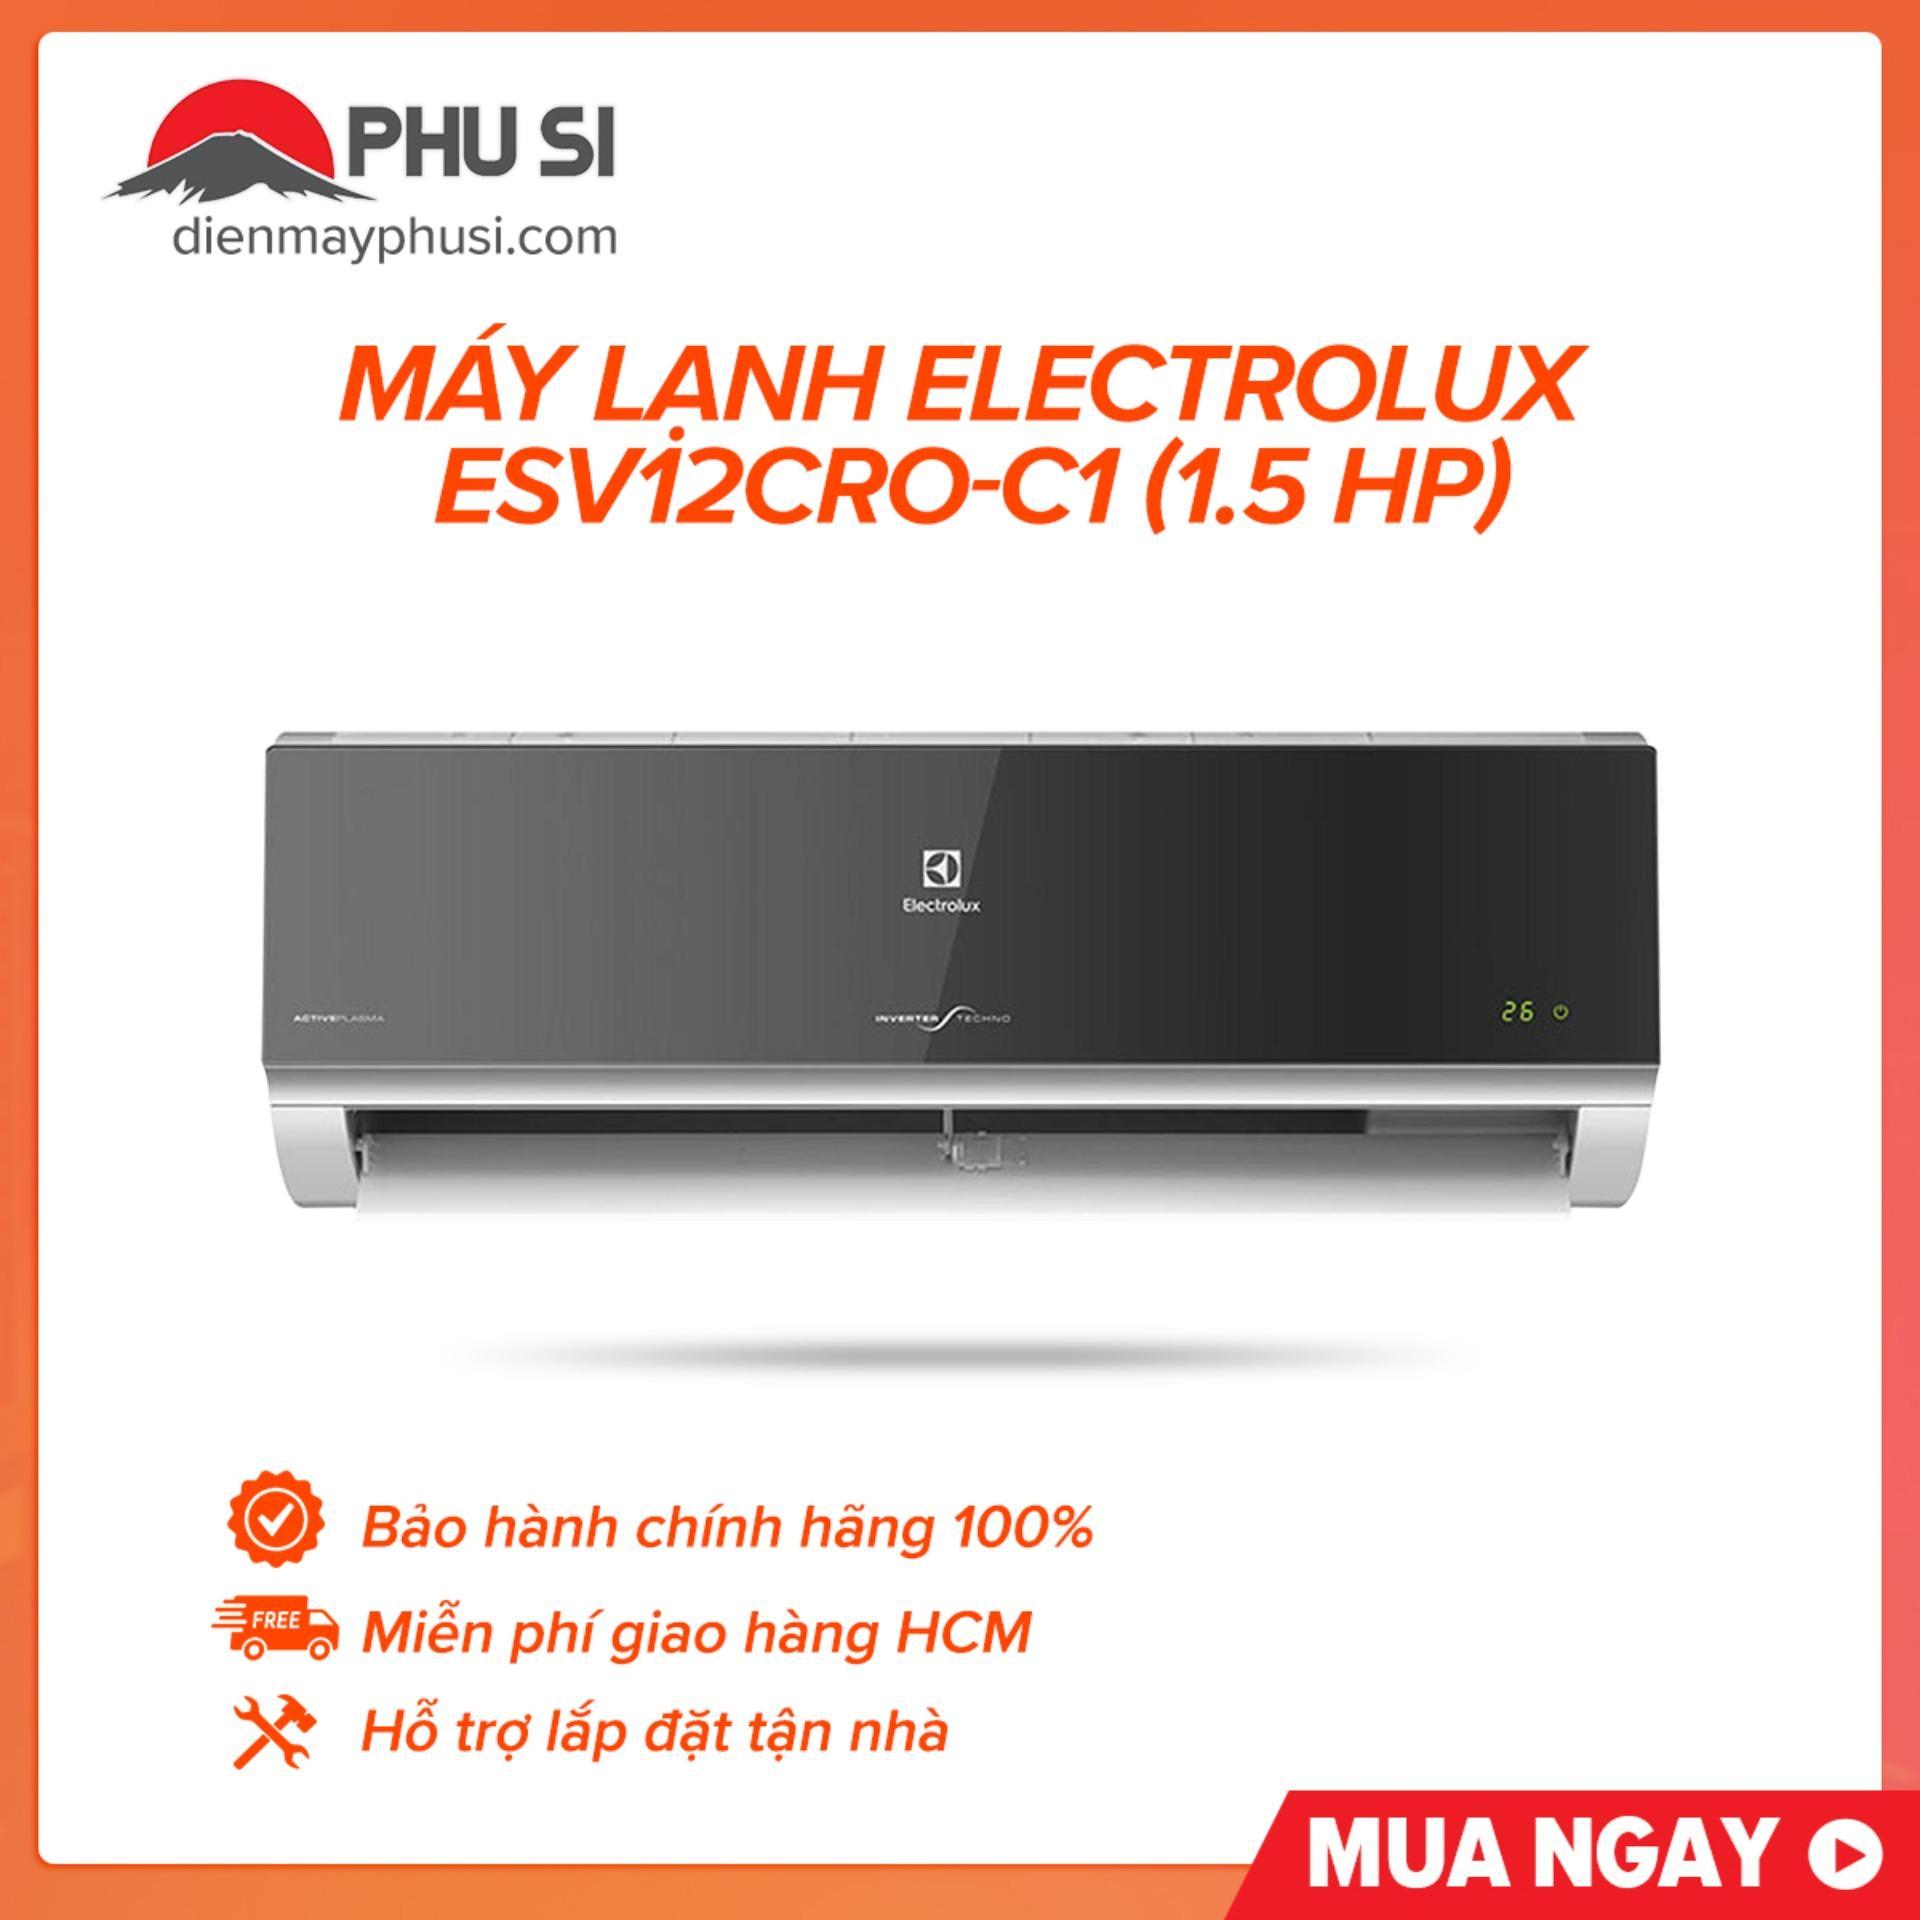 Máy Lạnh Electrolux ESV12CRO-C1 (1.5 HP) Cùng Giá Khuyến Mãi Hot